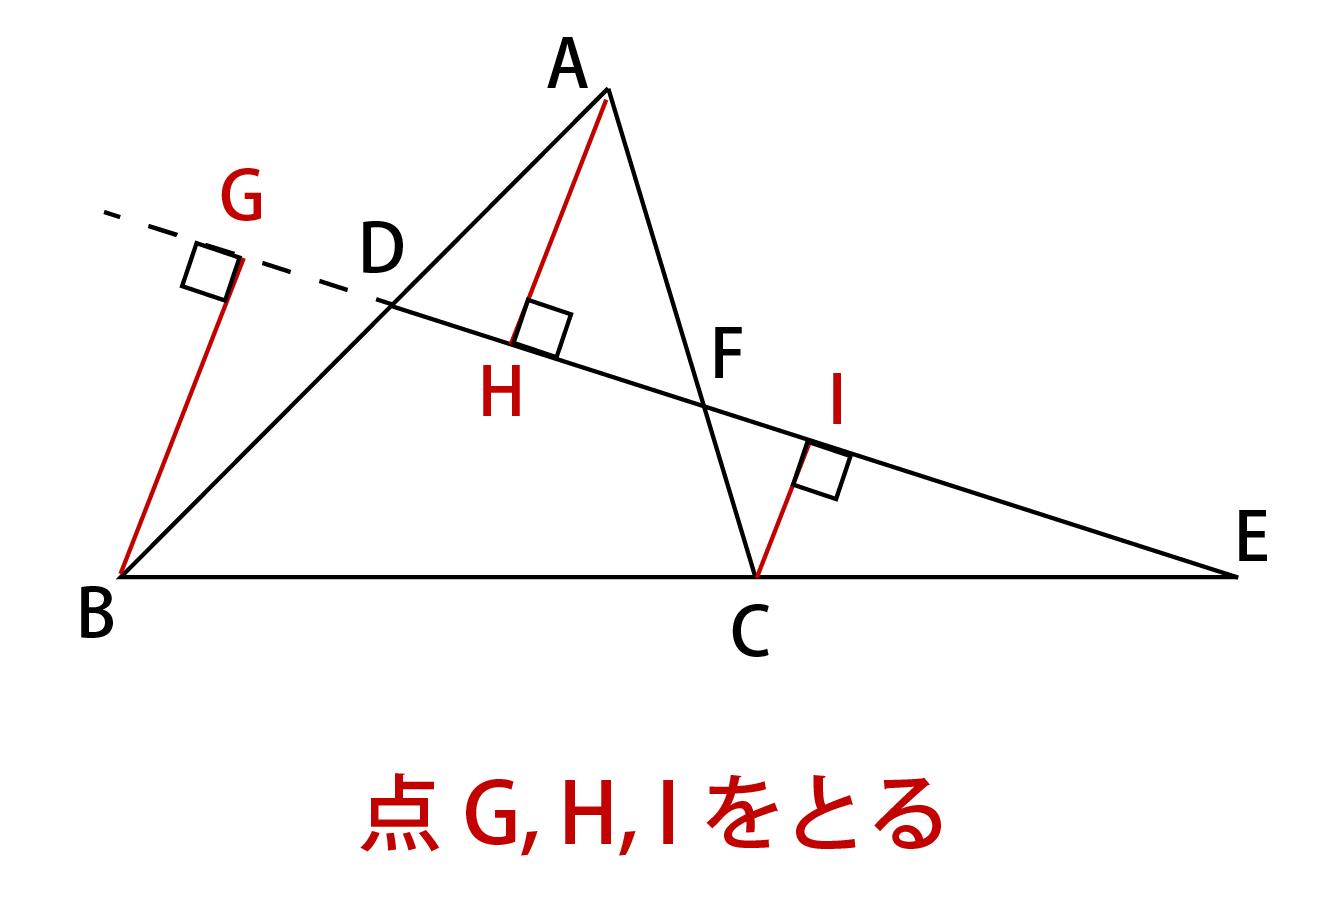 メネラウスの定理の証明解説画像